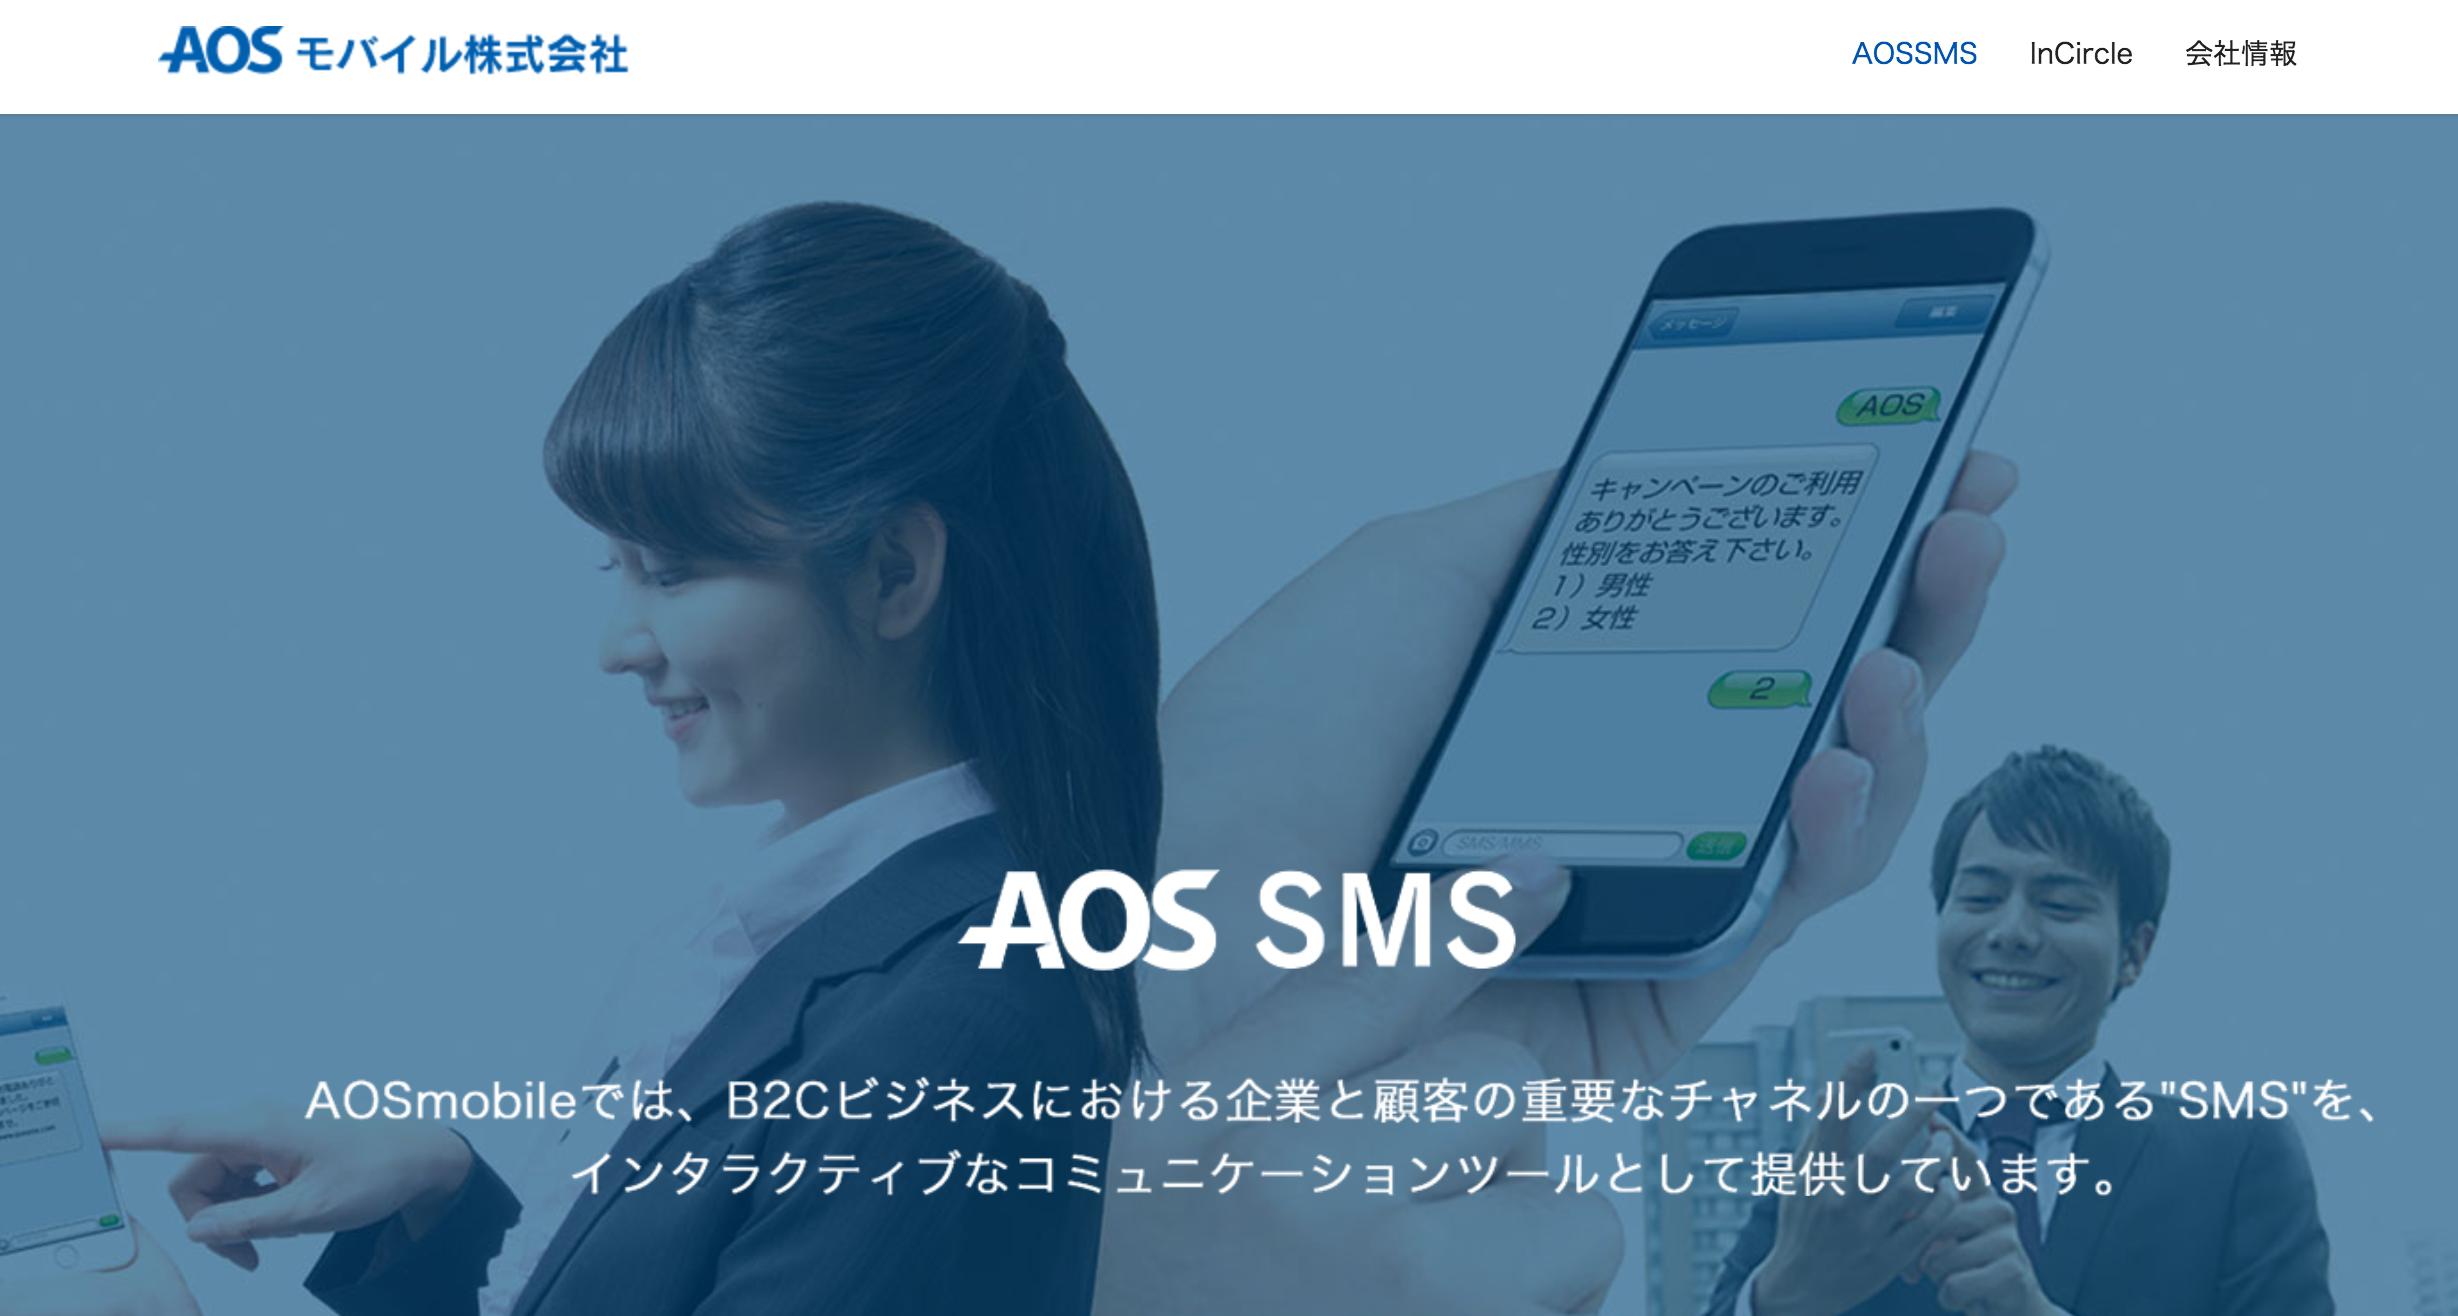 SMS の配信 事業者 比較 一覧 AOSモバイル